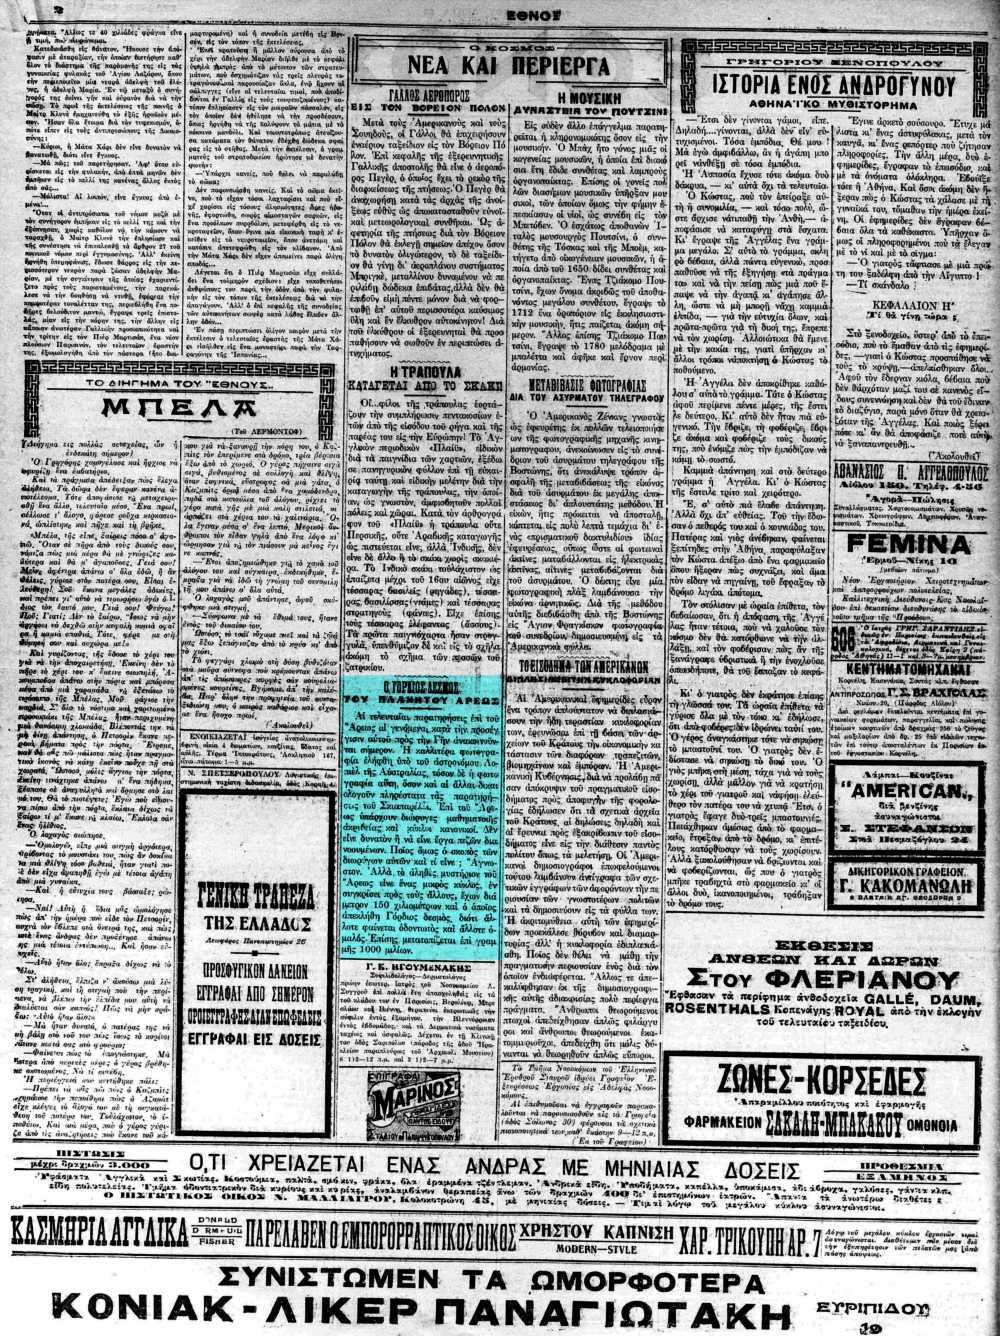 """Το άρθρο, όπως δημοσιεύθηκε στην εφημερίδα """"ΕΘΝΟΣ"""", στις 03/12/1924"""